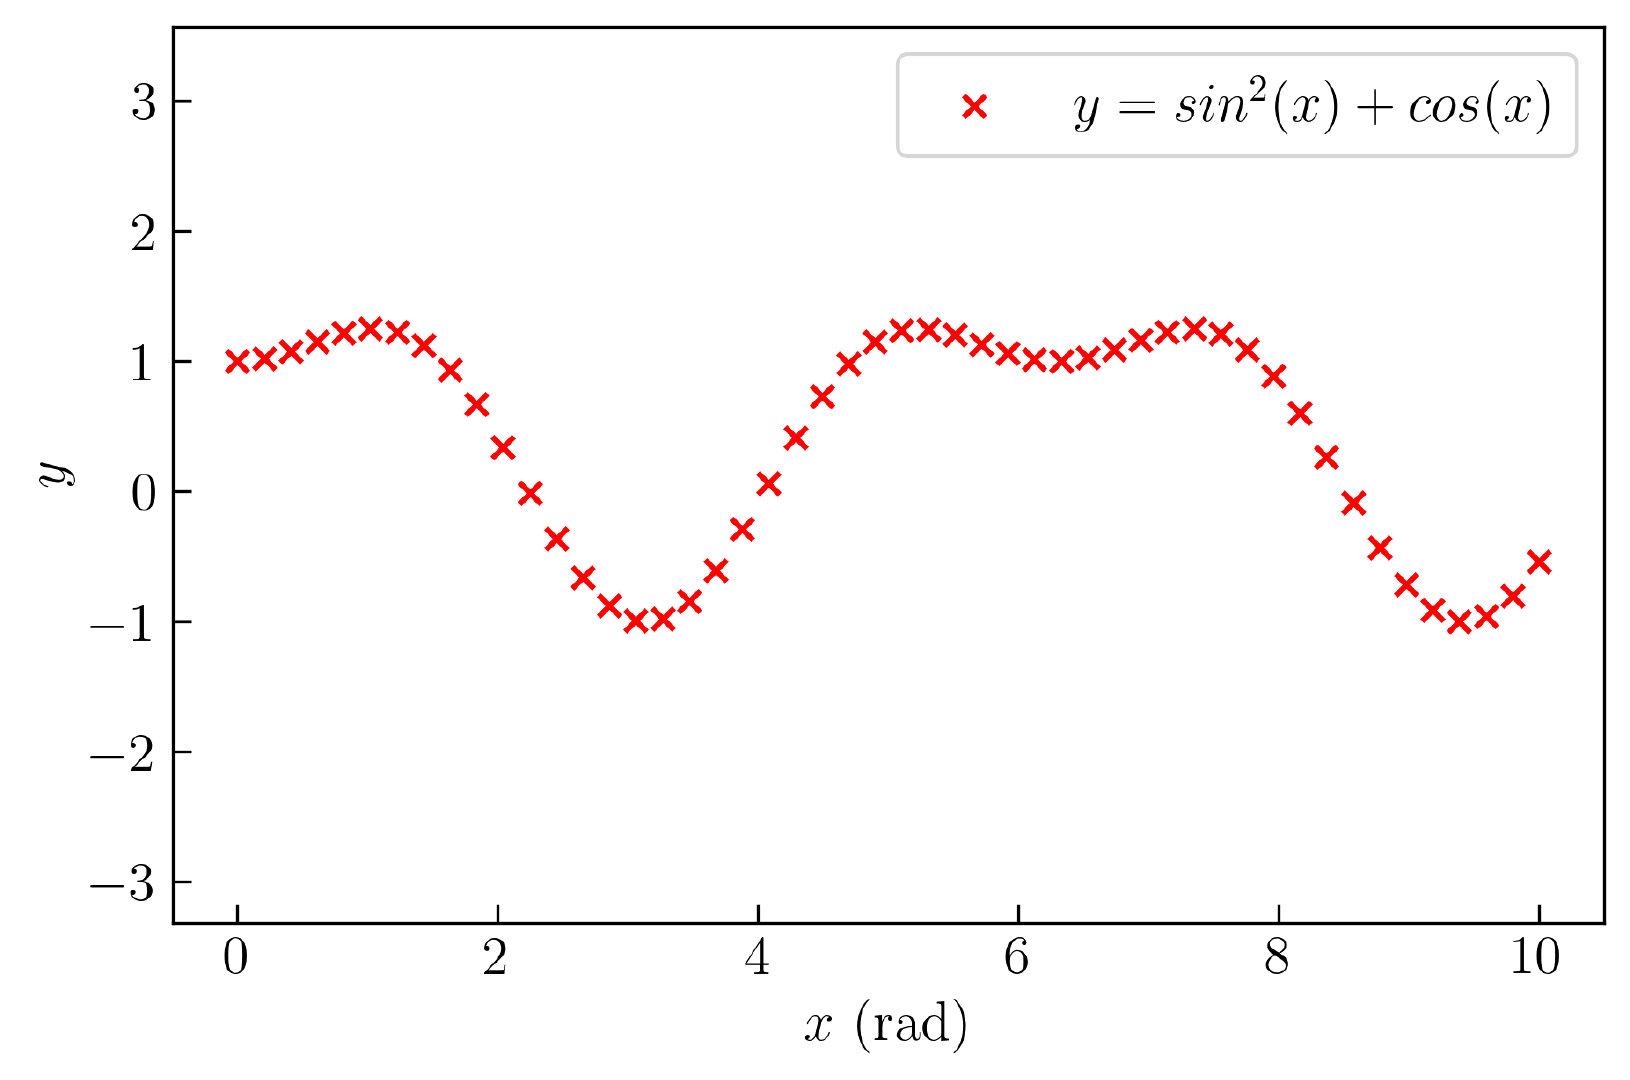 图5. 修改样式后的散点图